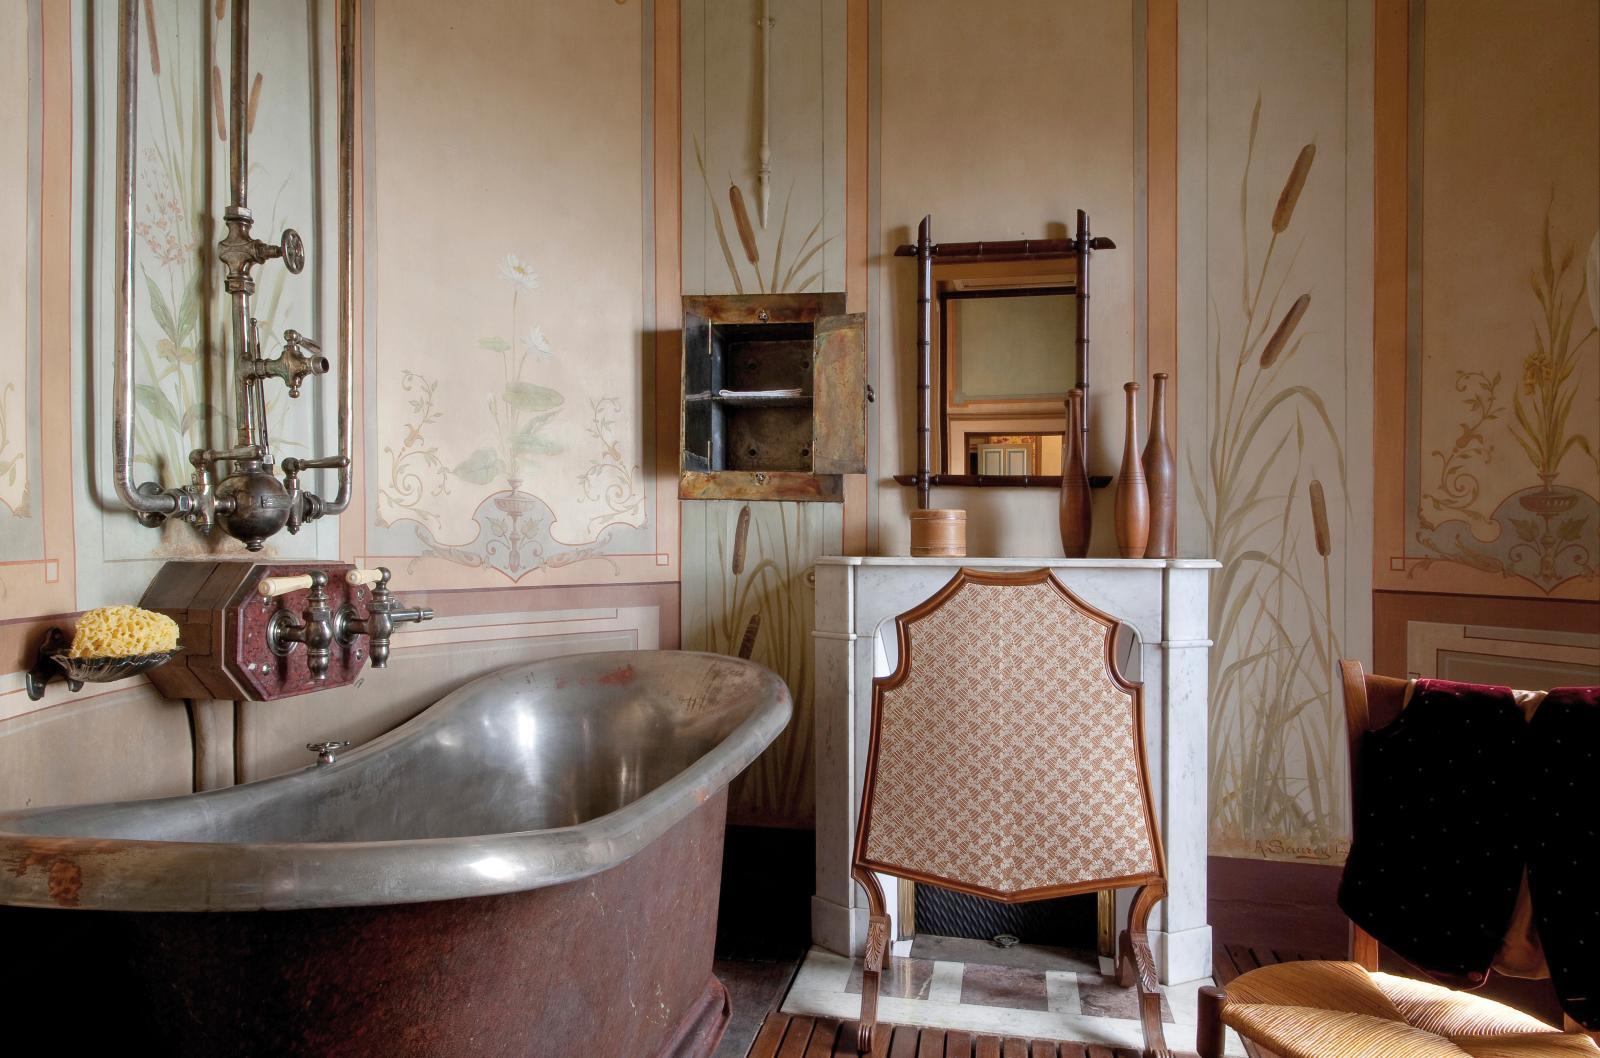 La salle de bains ultramoderne de Louis Mantin. Collection musée Anne-de-Beaujeu.